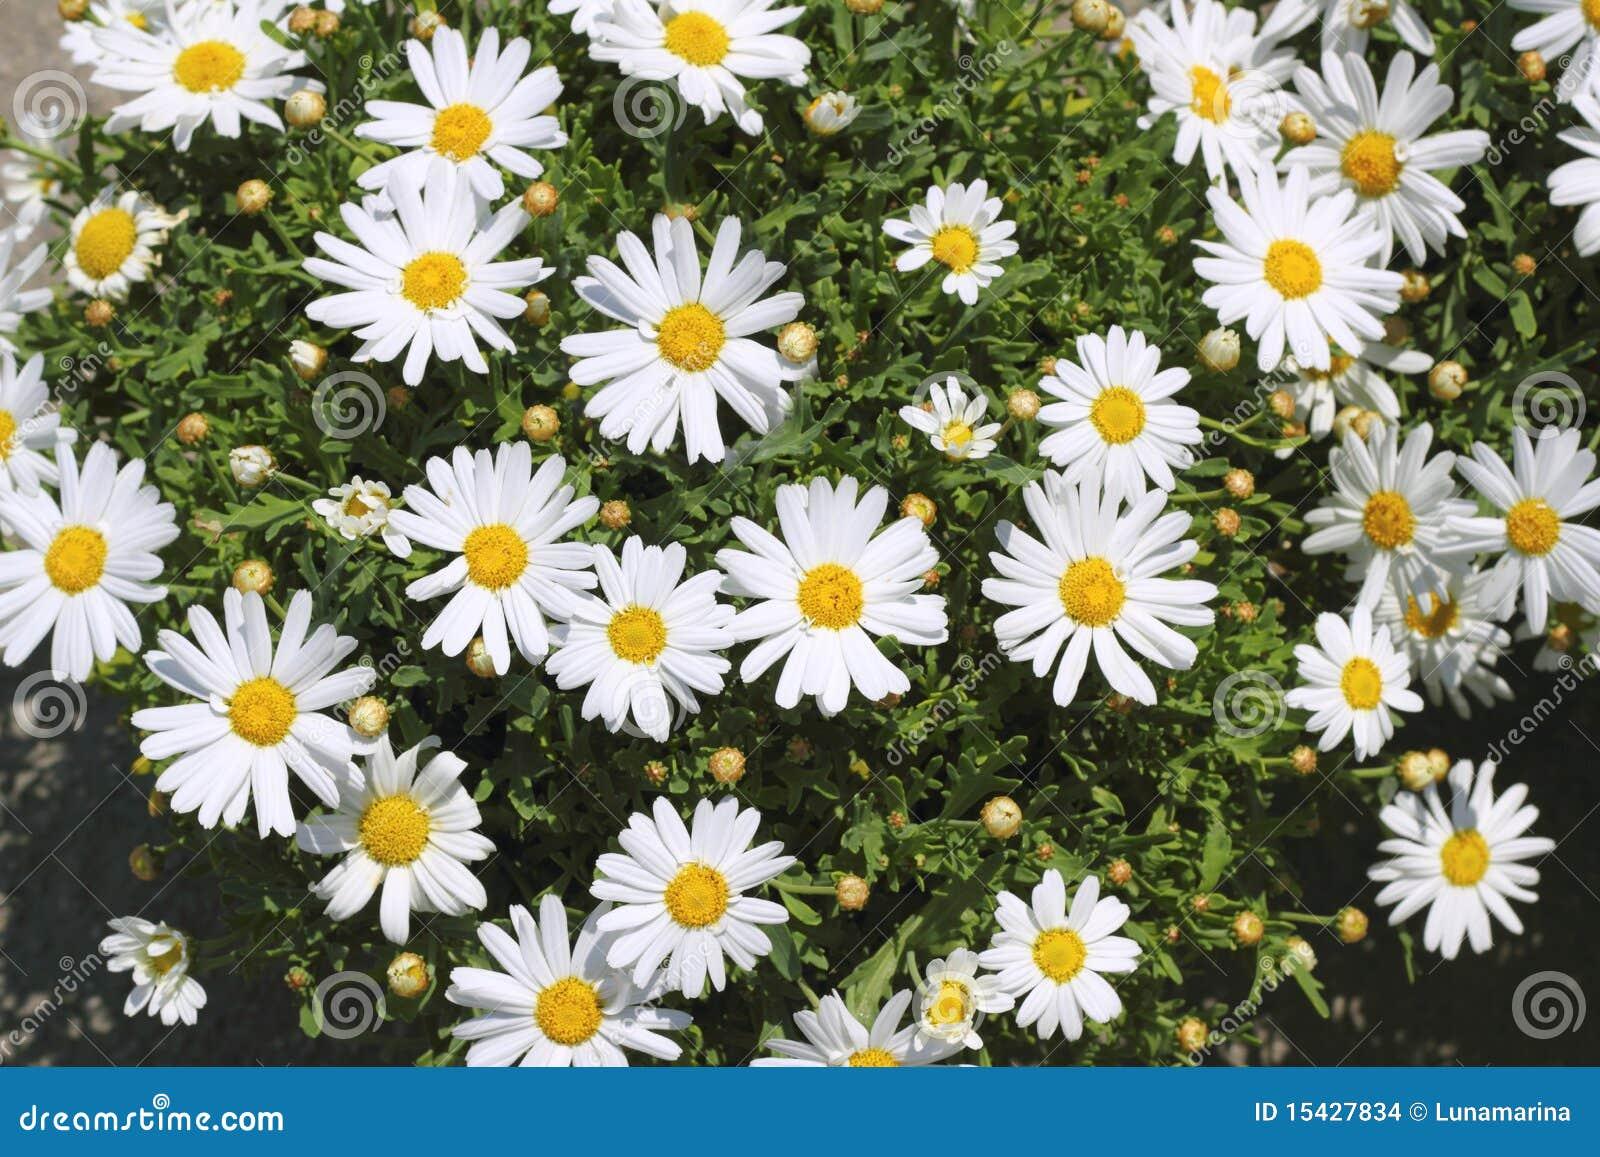 flor de jardim amarela:Flores Da Margarida No Jardim Branco Amarelo Imagens de Stock – Imagem